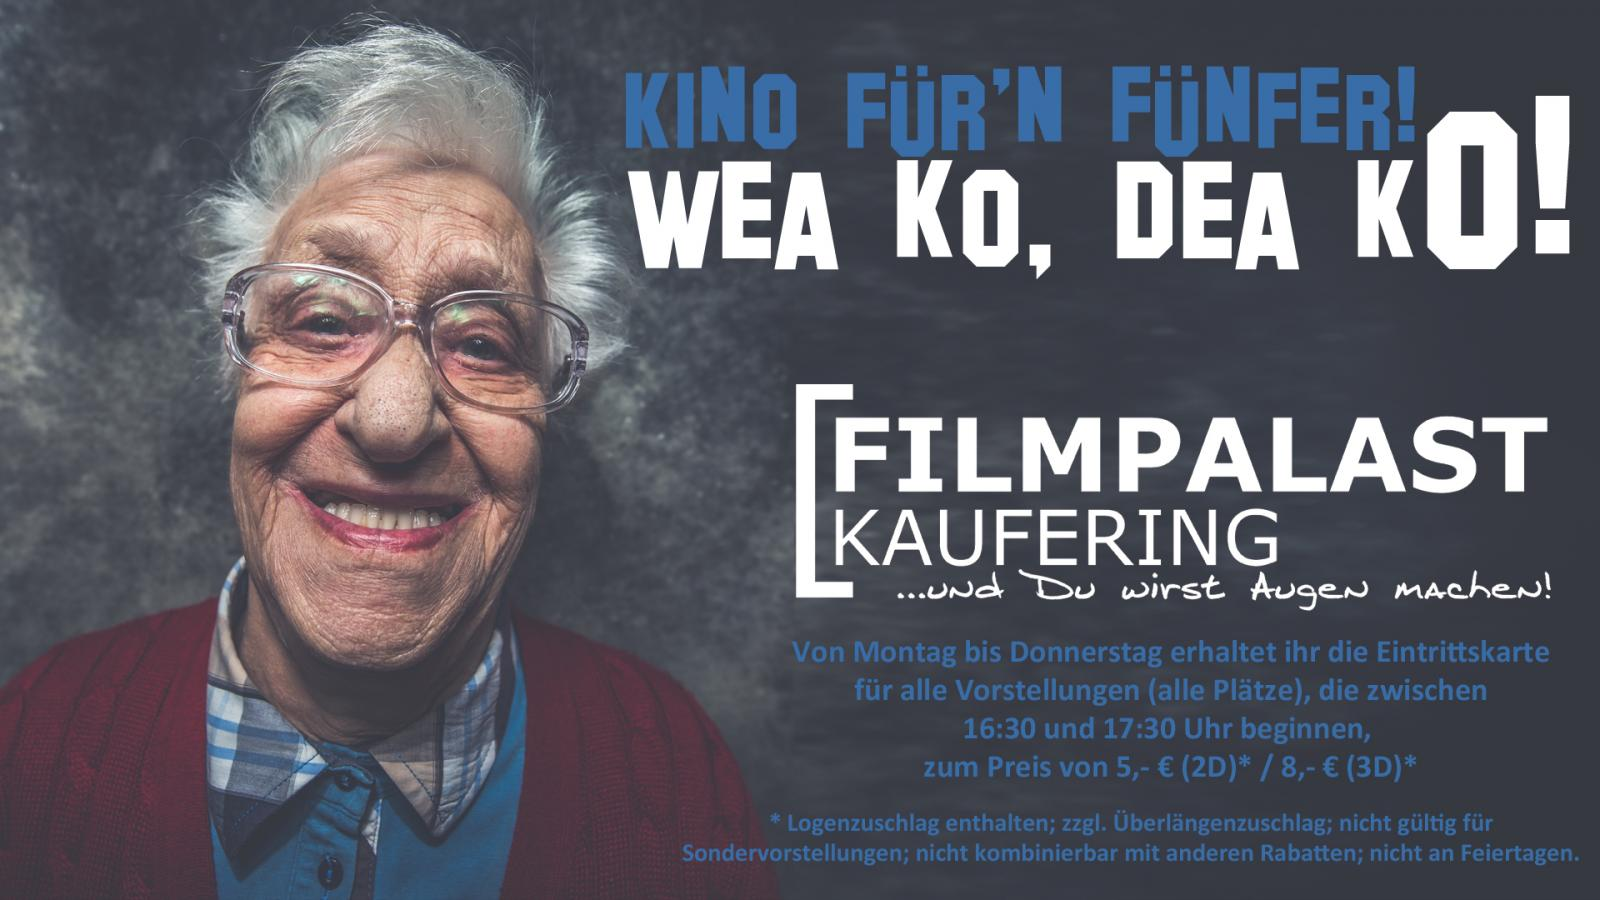 Kino für'n Fünfer!